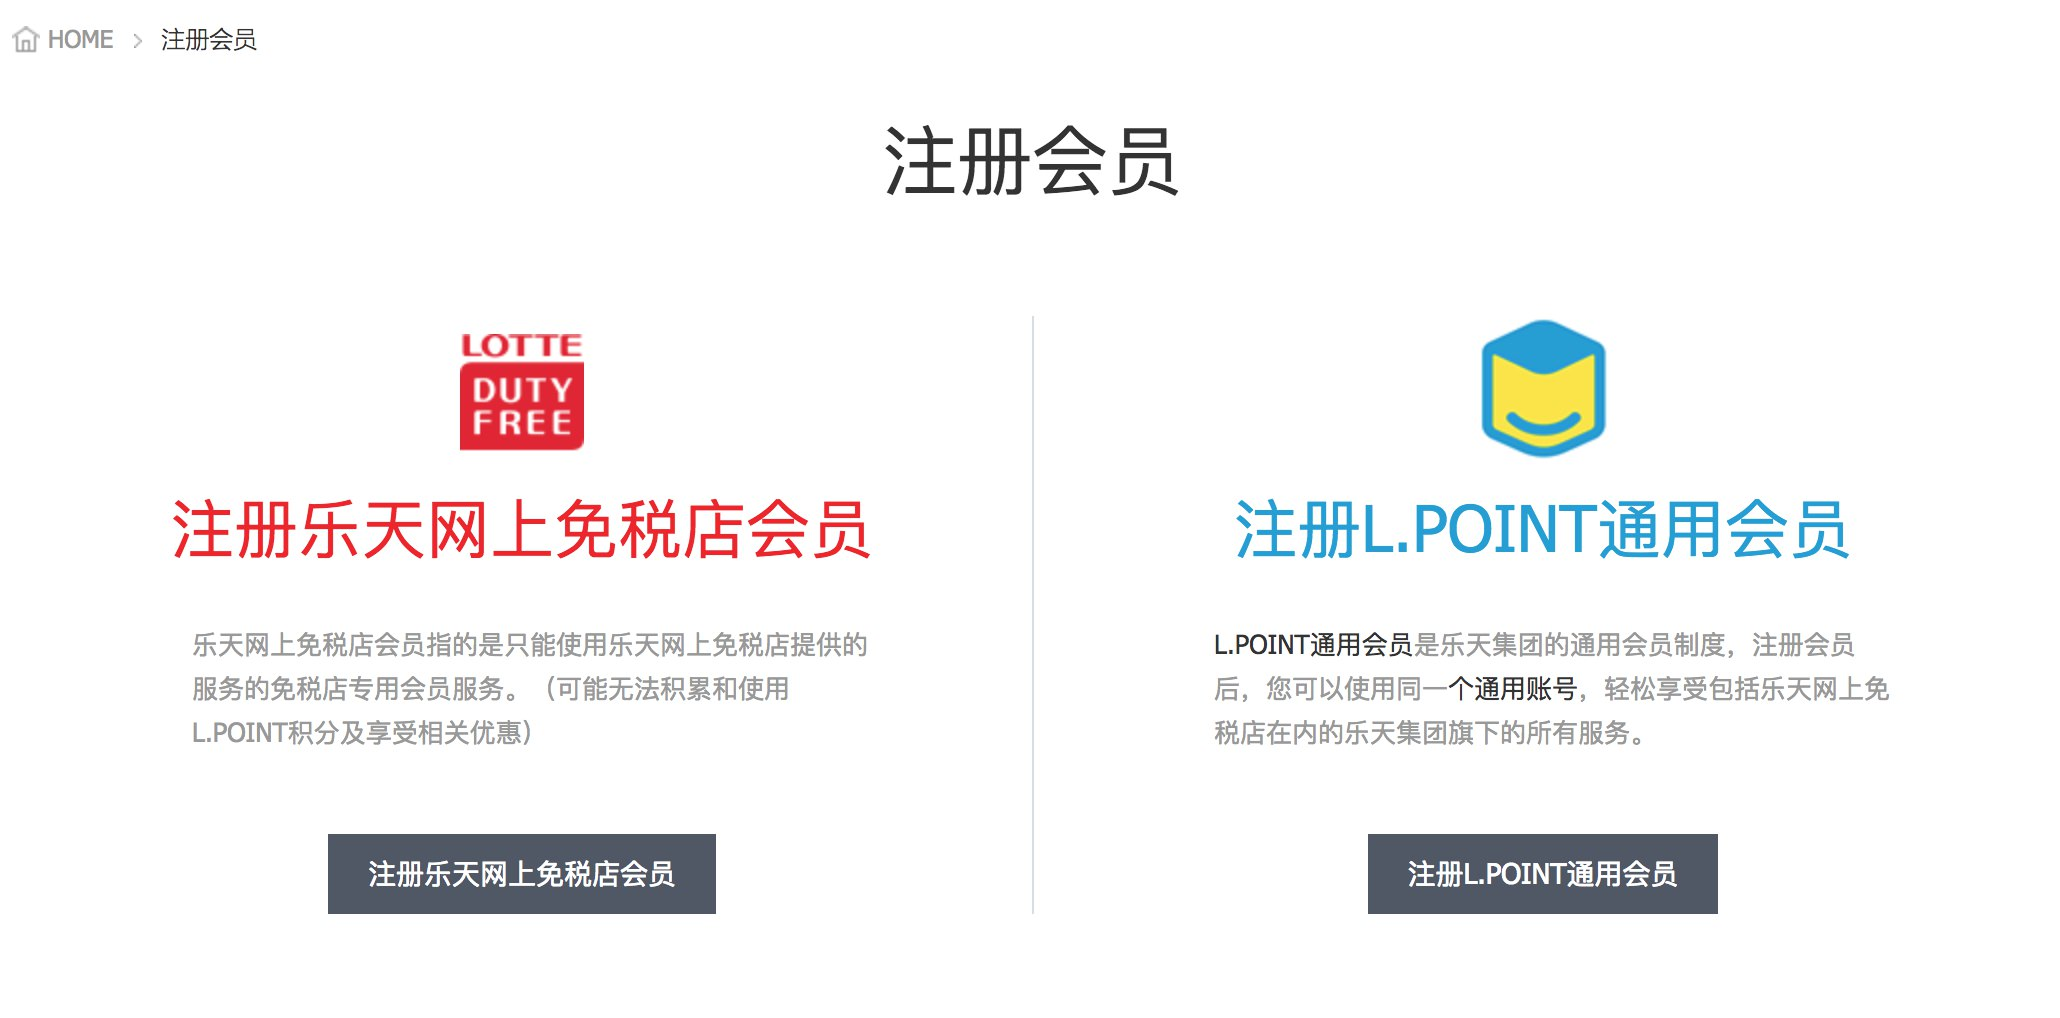 韓國樂天會員申請超簡單 樂天超市、免稅店超多優惠